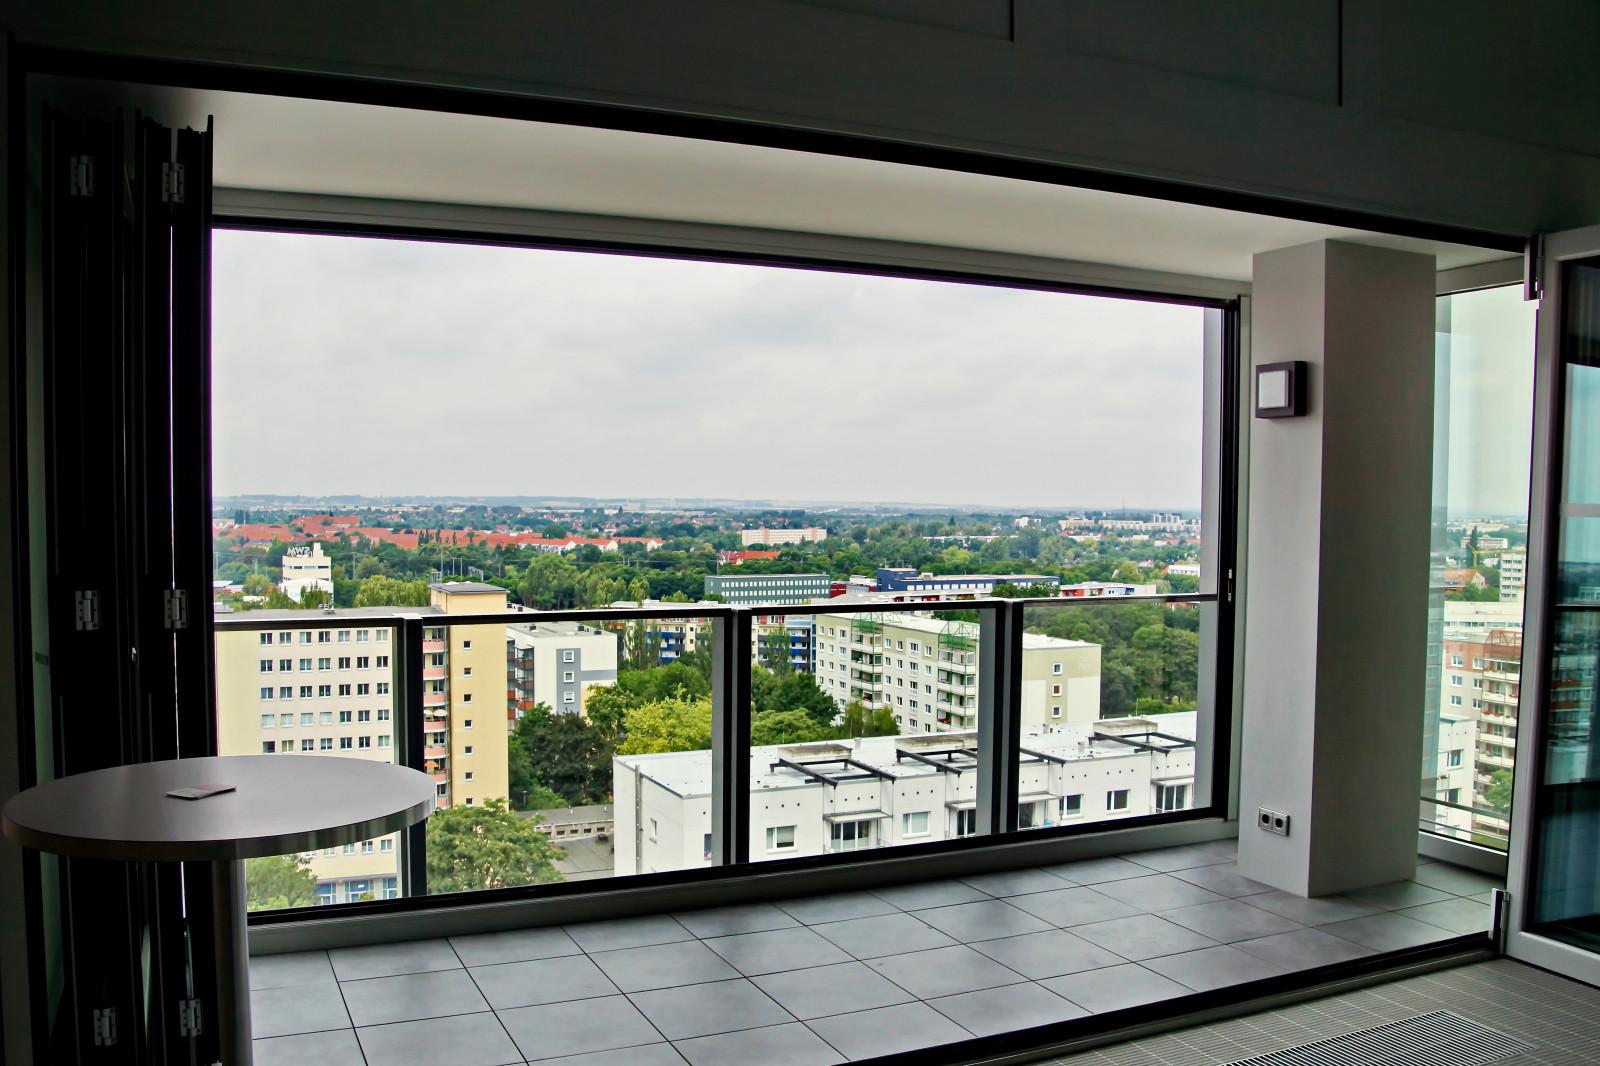 Wallpaper : window, house, Germany, tower, glass, door, interior ...